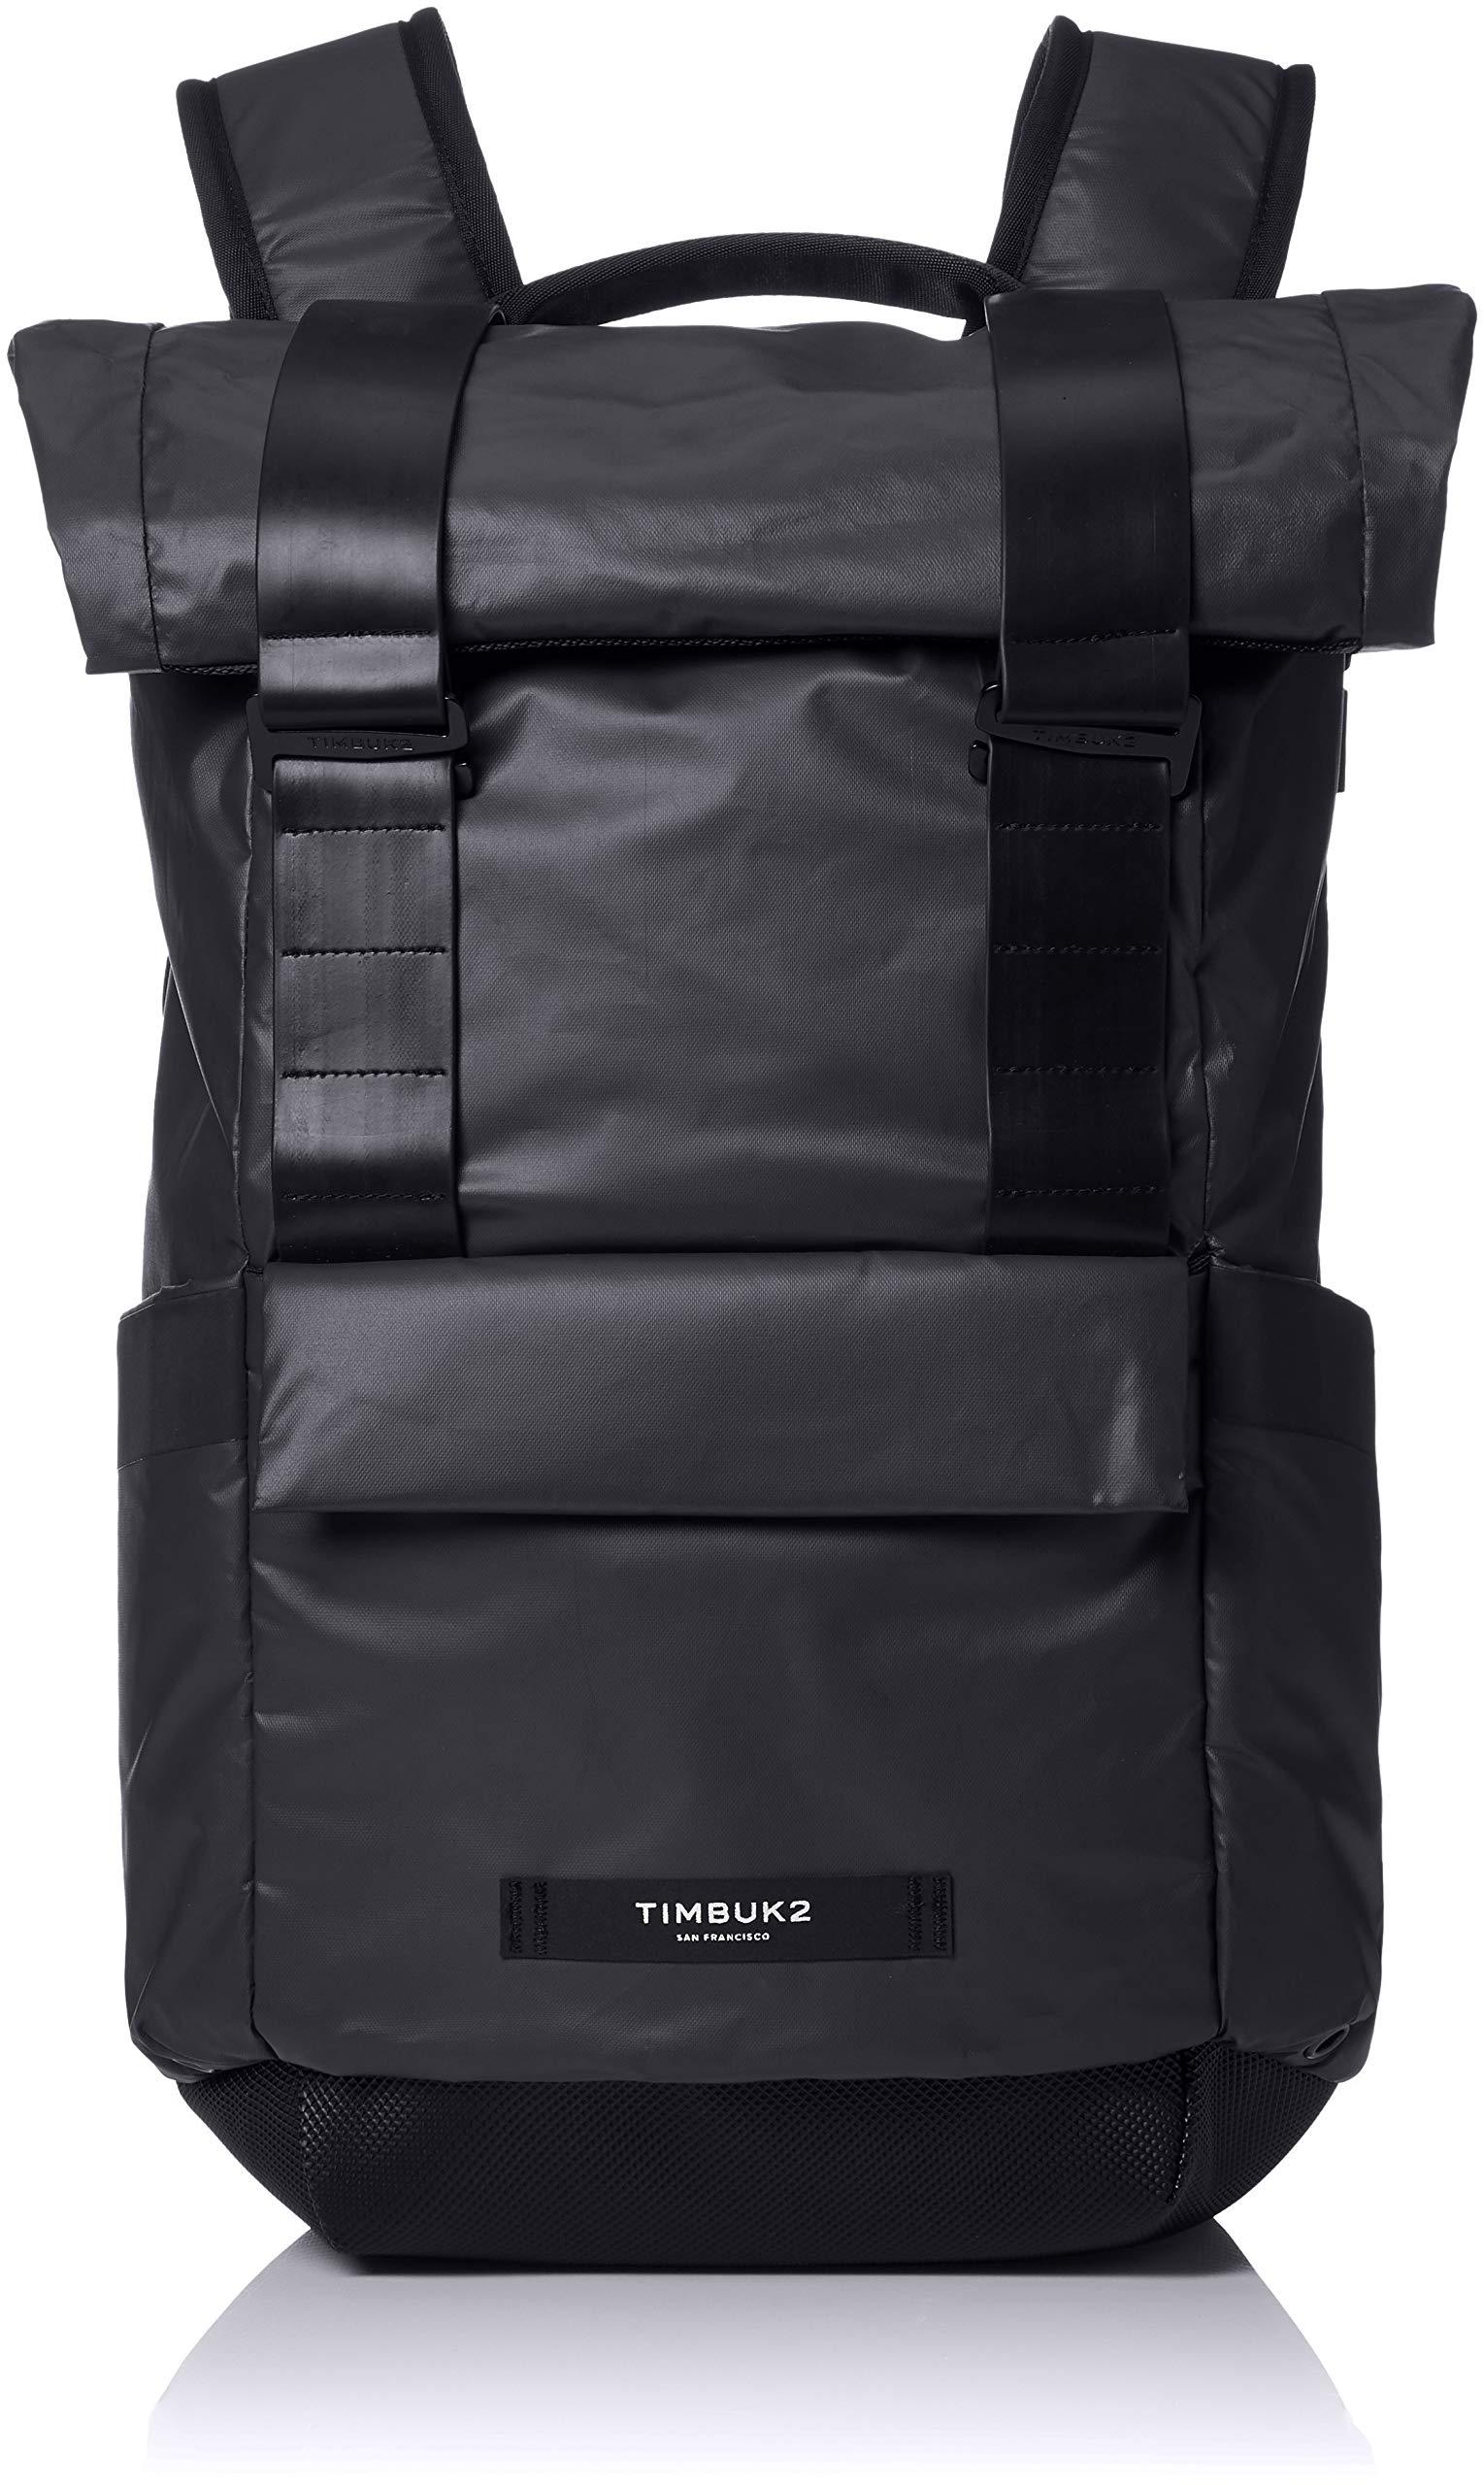 Timbuk2 Grid Pack, OS, Jet Black by Timbuk2